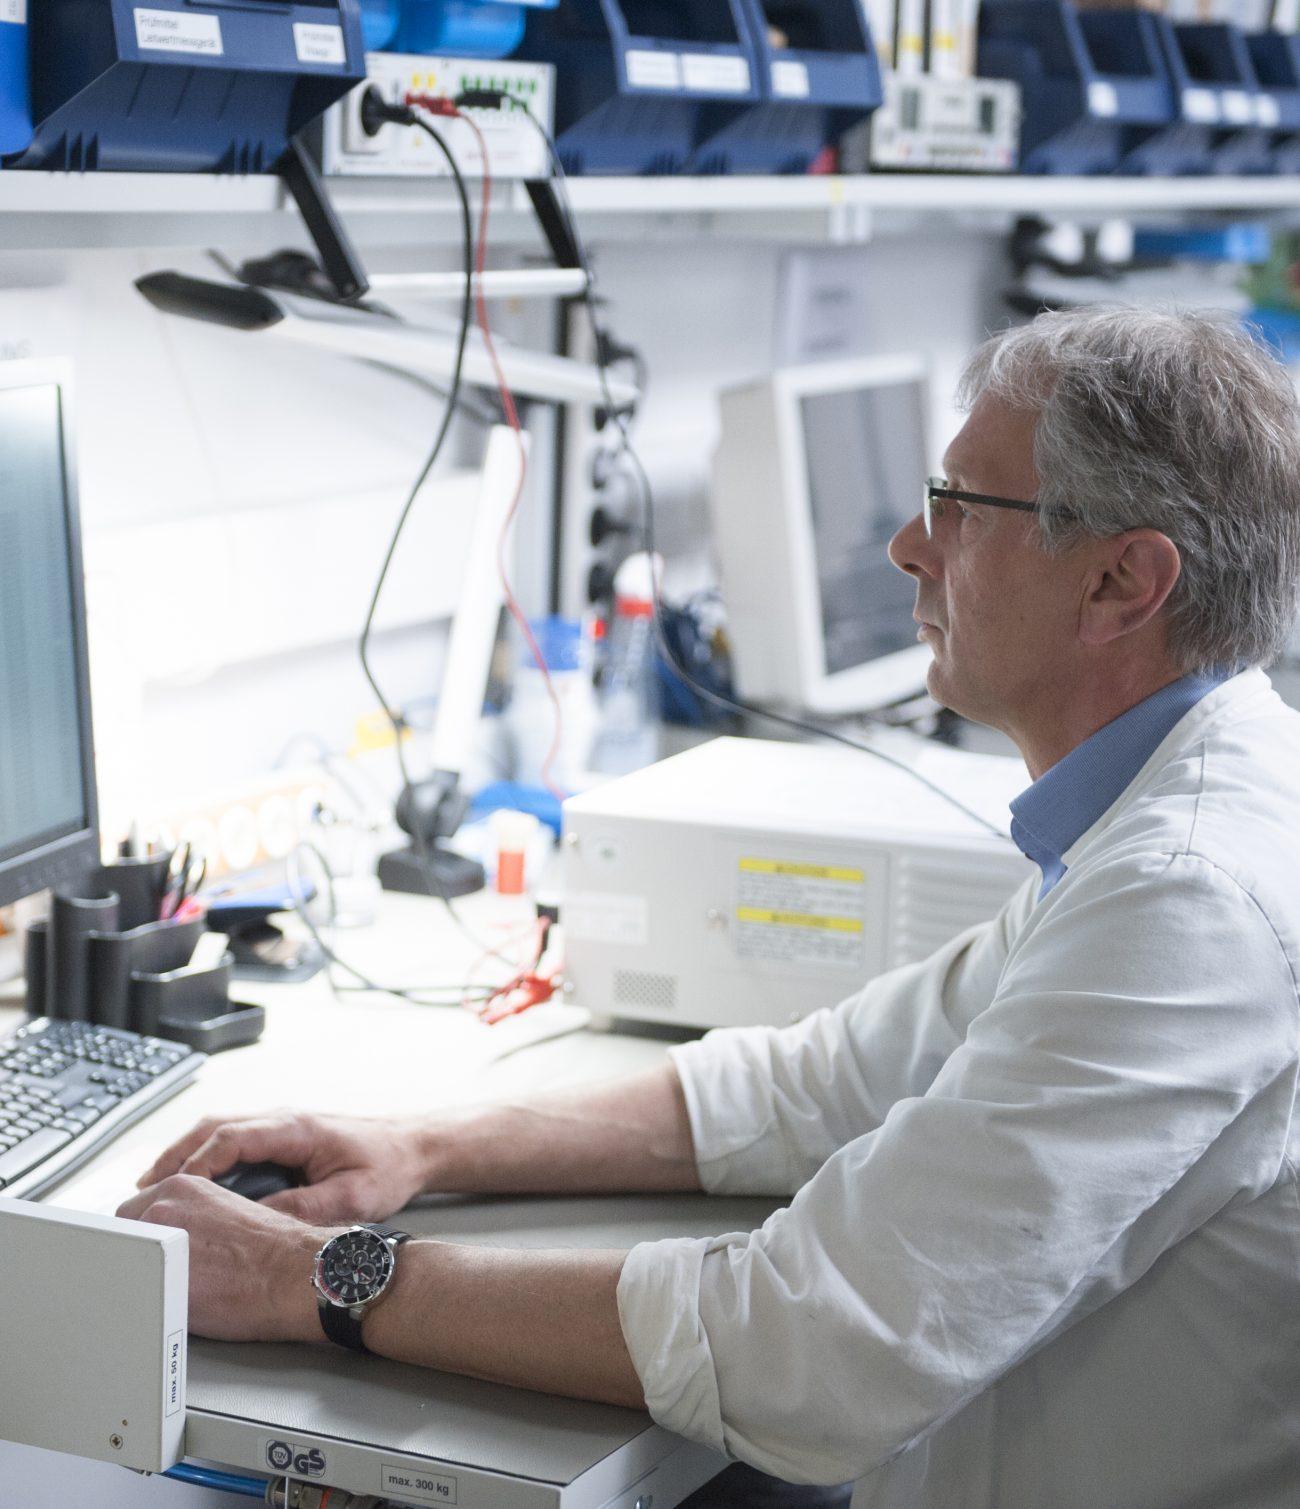 Endoskopie-Kosten minimieren durch Service vom Profi